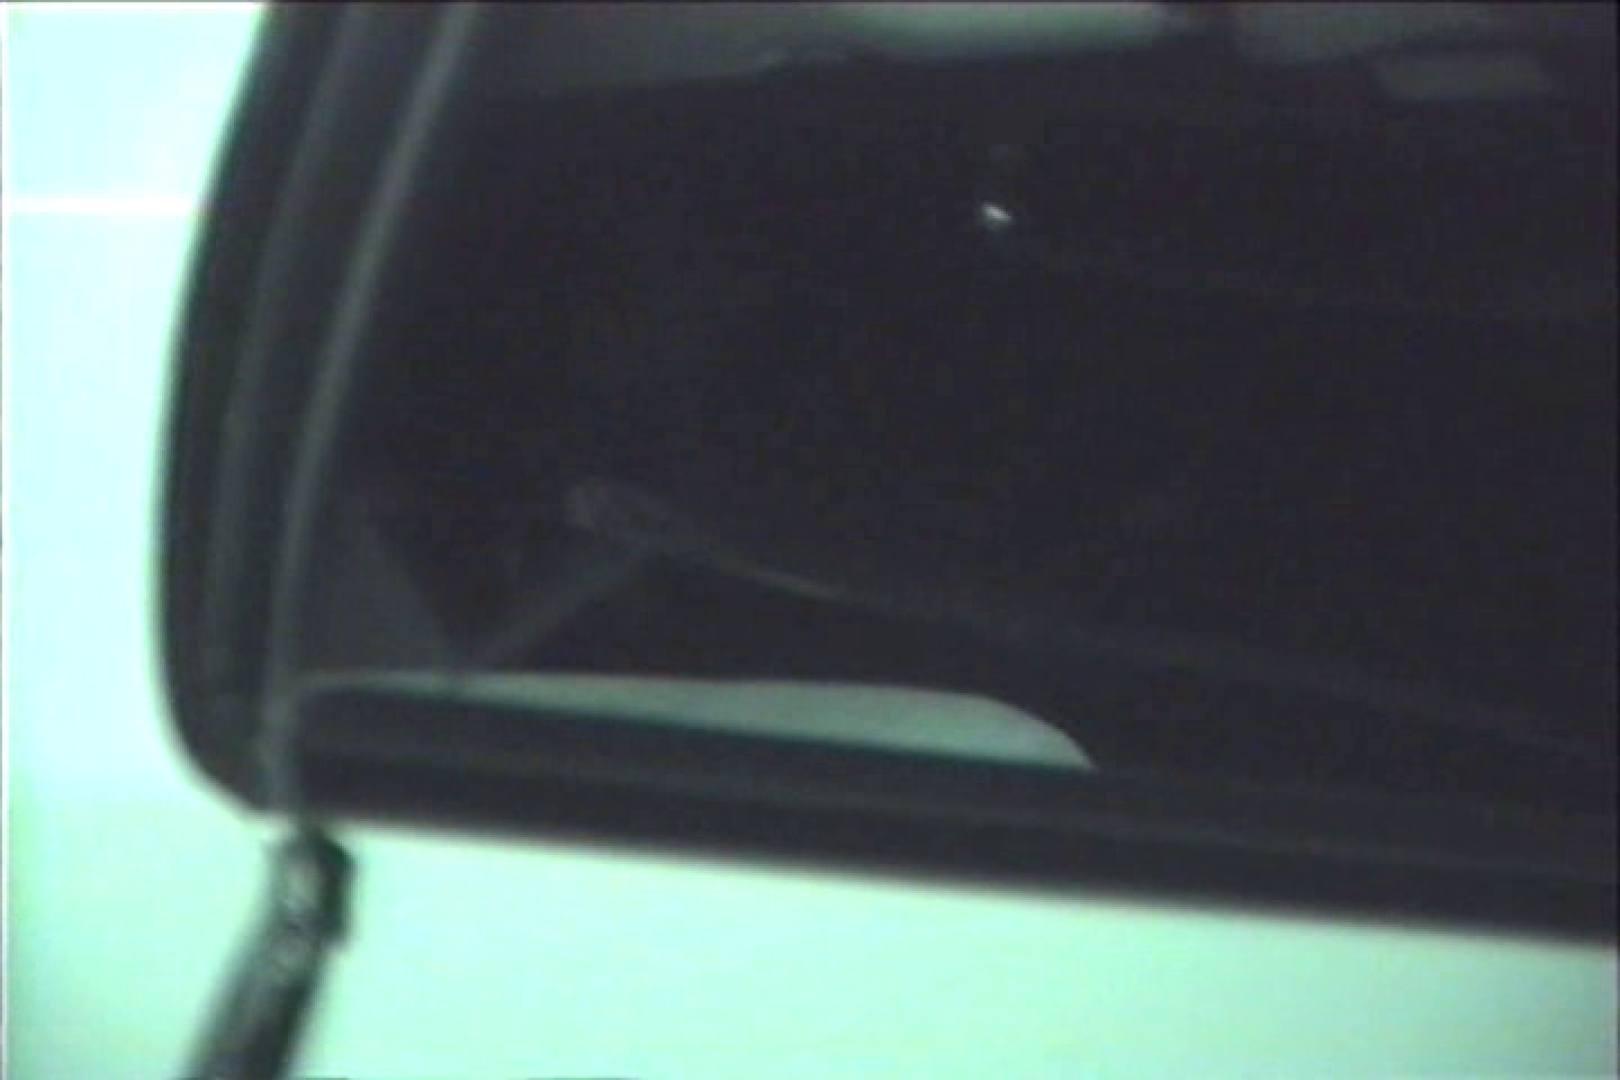 車の中はラブホテル 無修正版  Vol.18 ラブホテル 隠し撮りAV無料 49pic 34